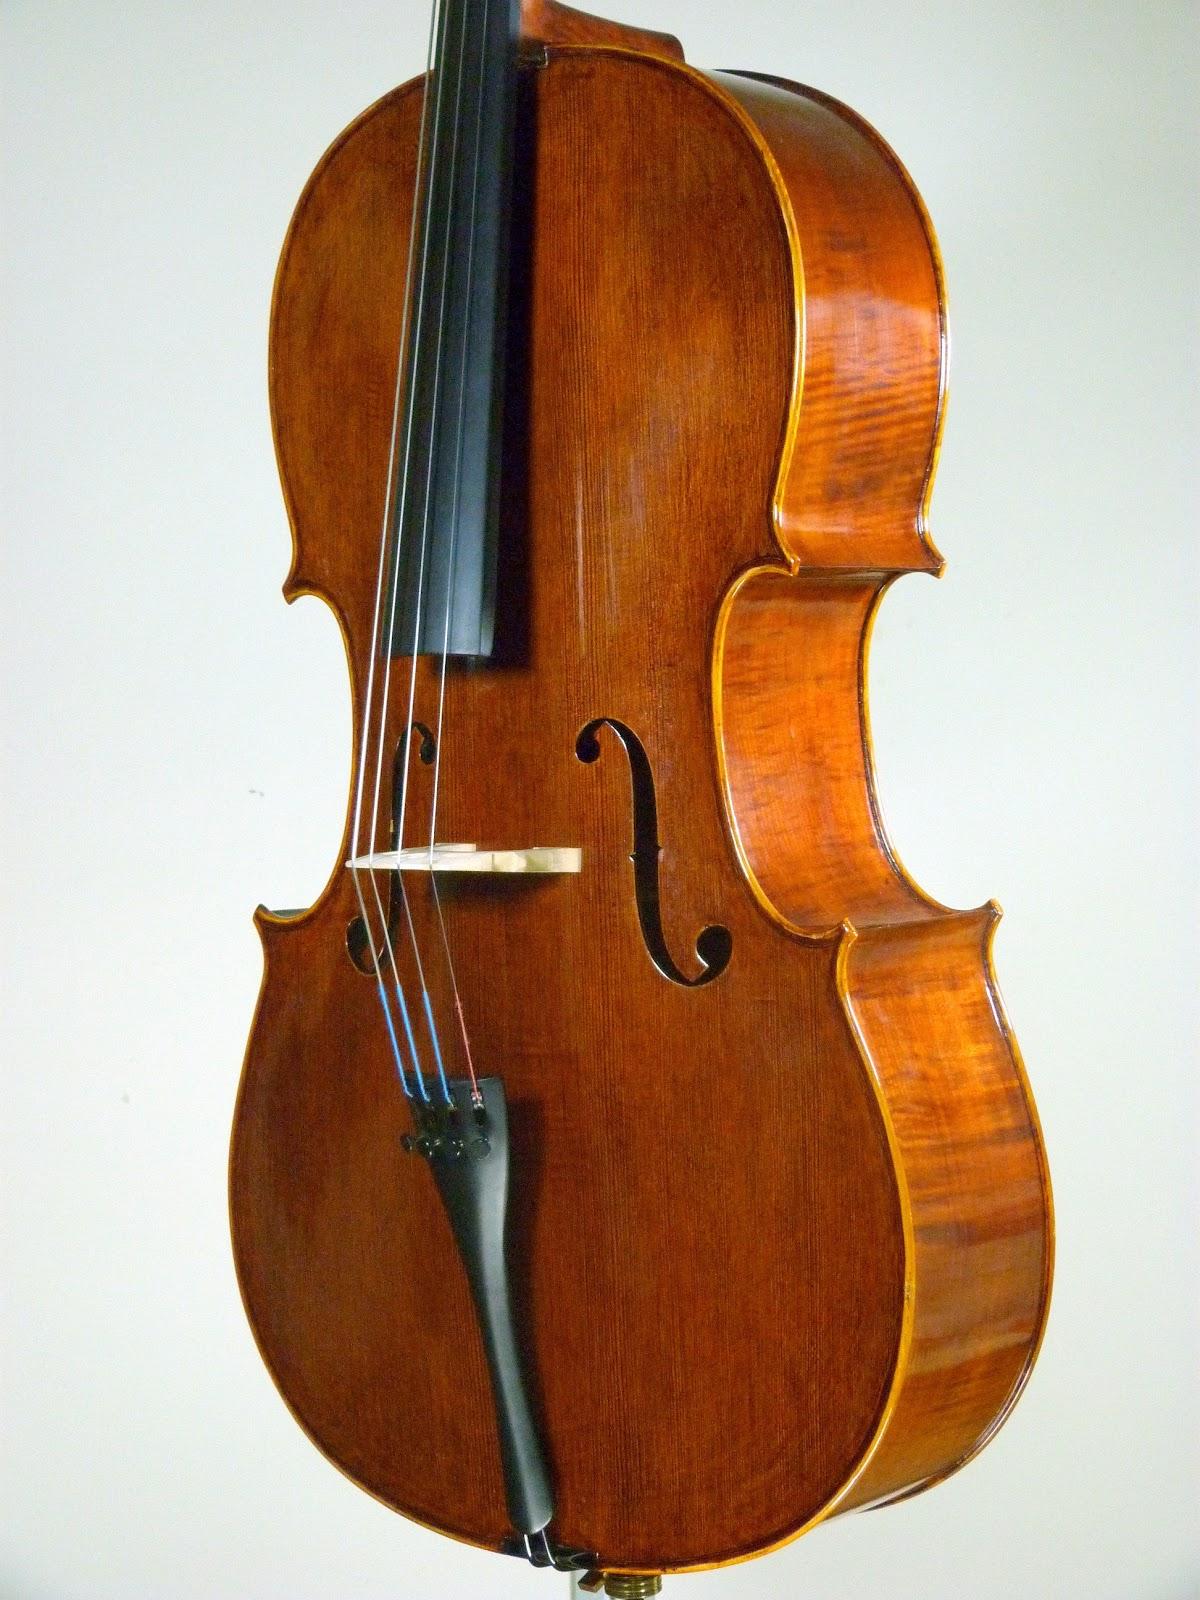 violoncelo nível avançado, cello nível profissional, violoncelo de qualidade